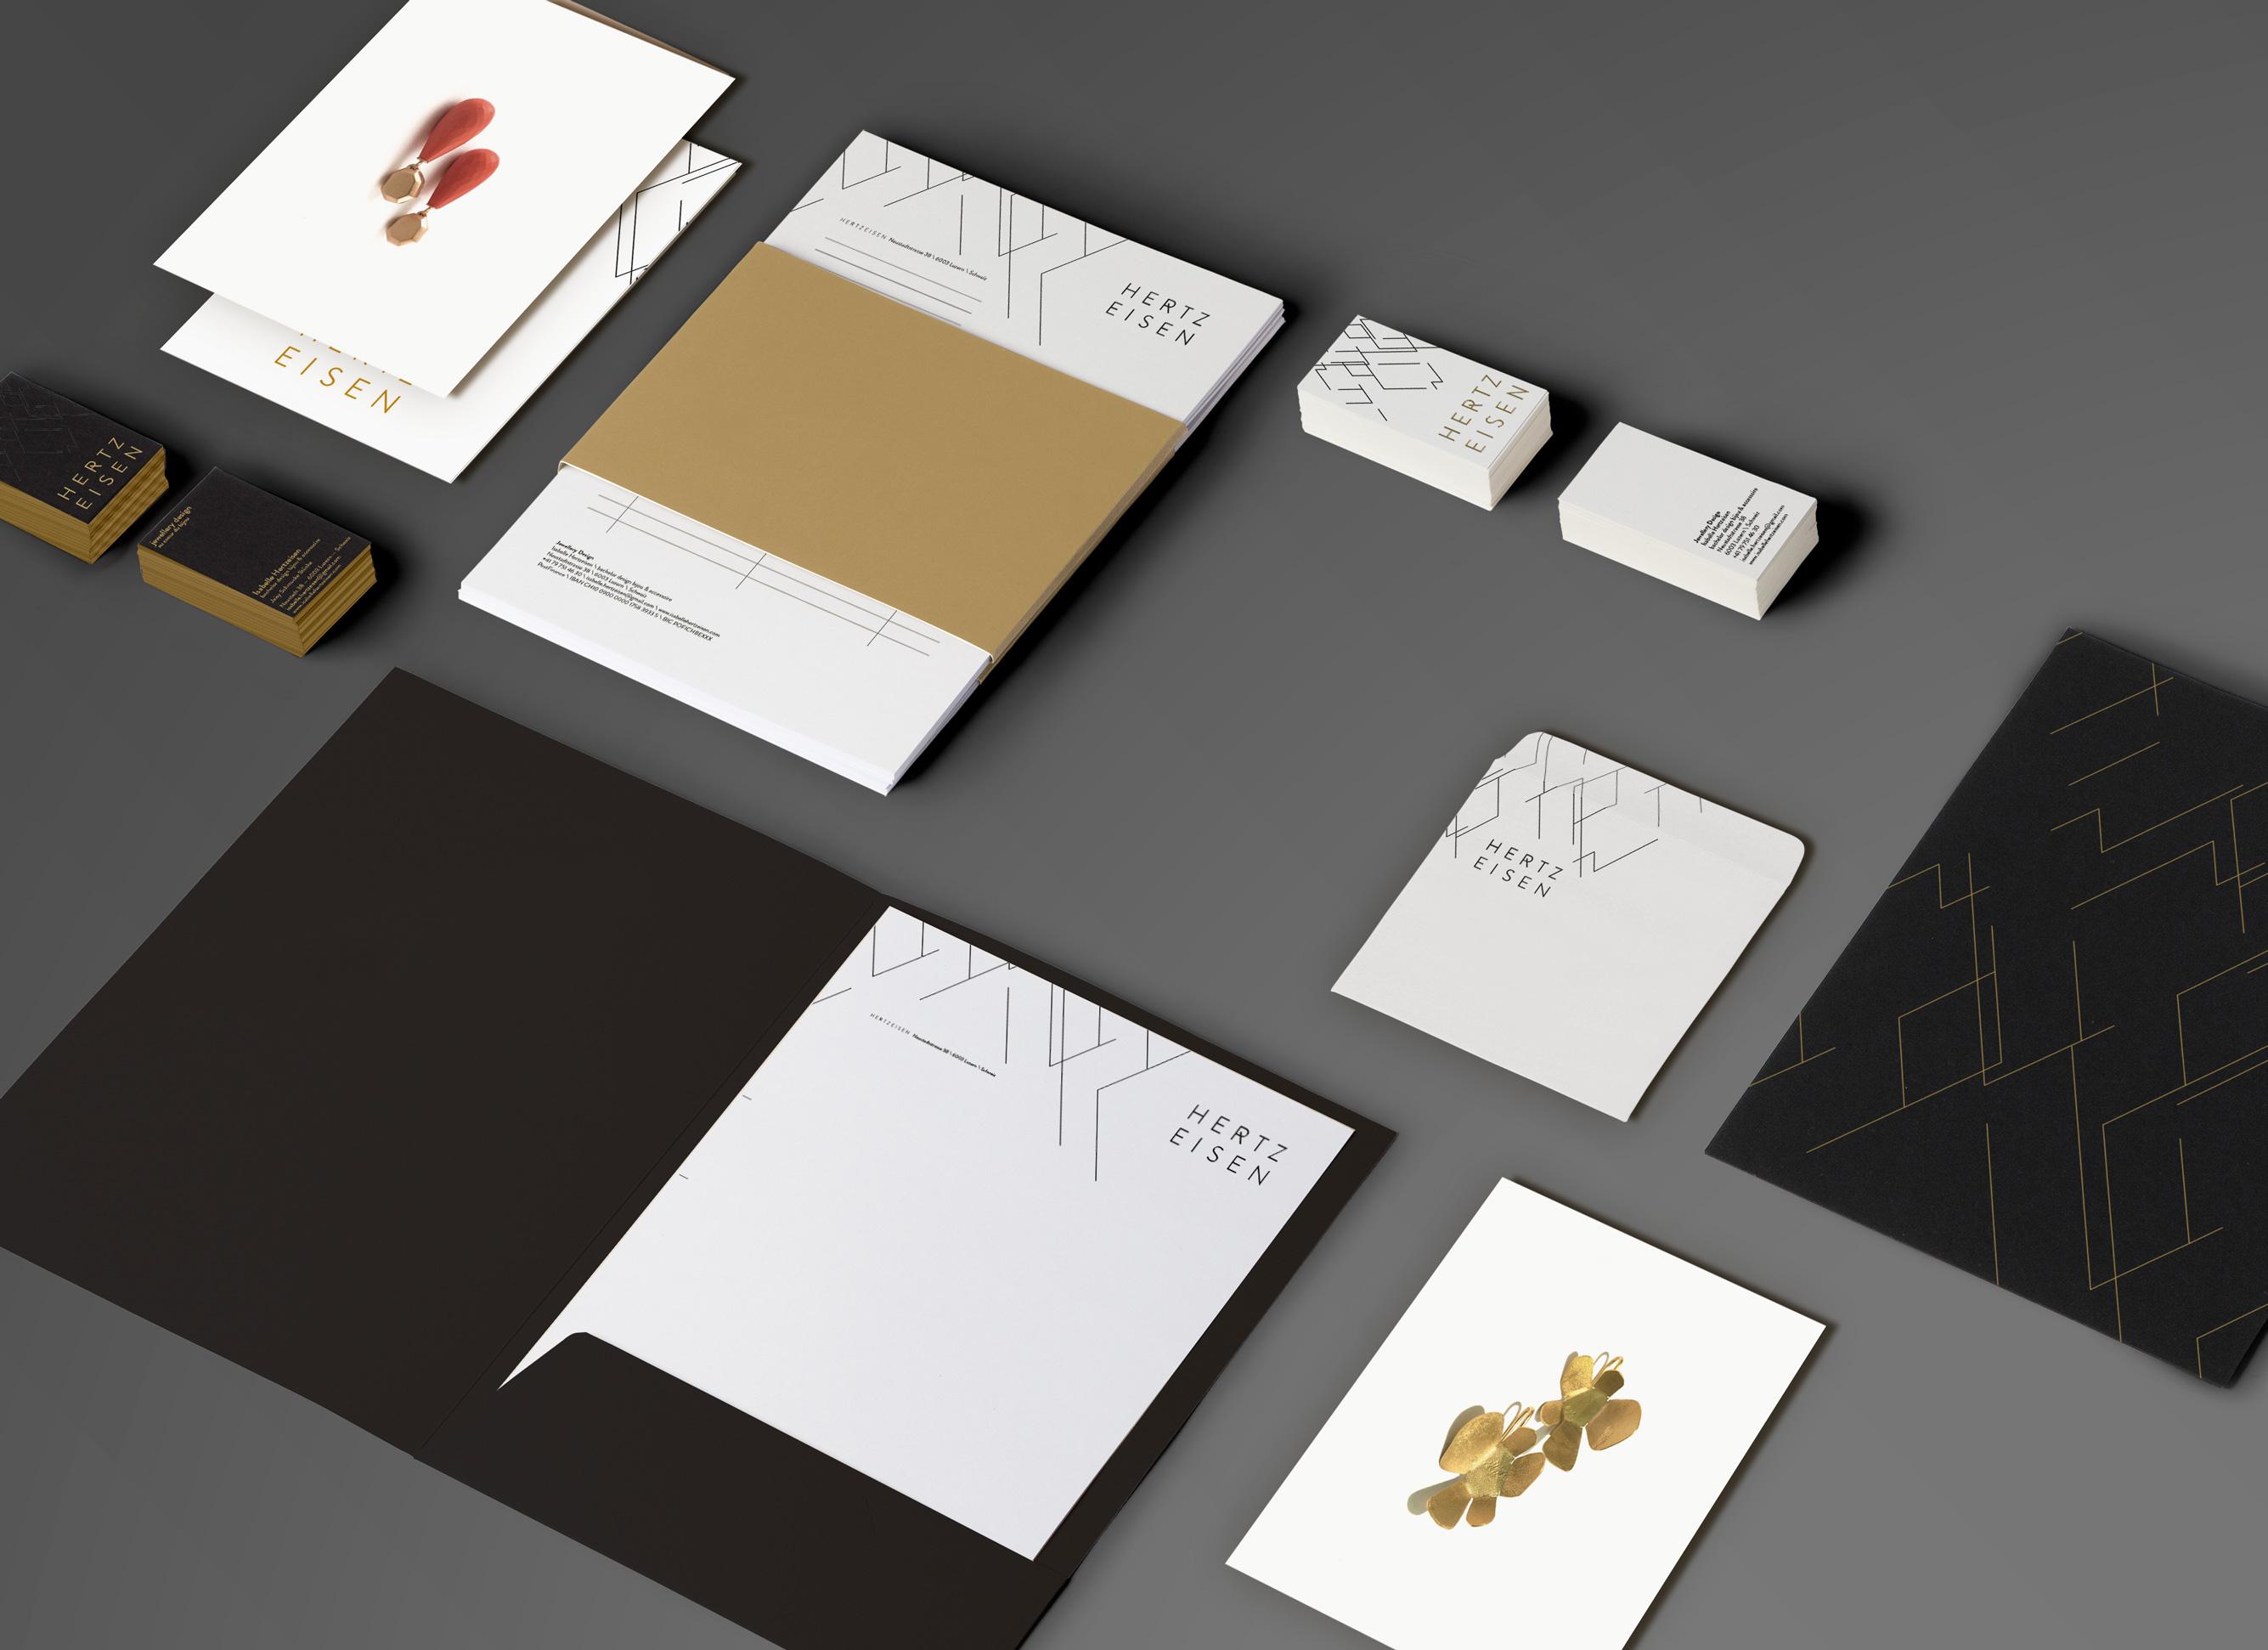 4DMBO-Studio-für-Gestaltung-Hertzeisen-Pforzheim